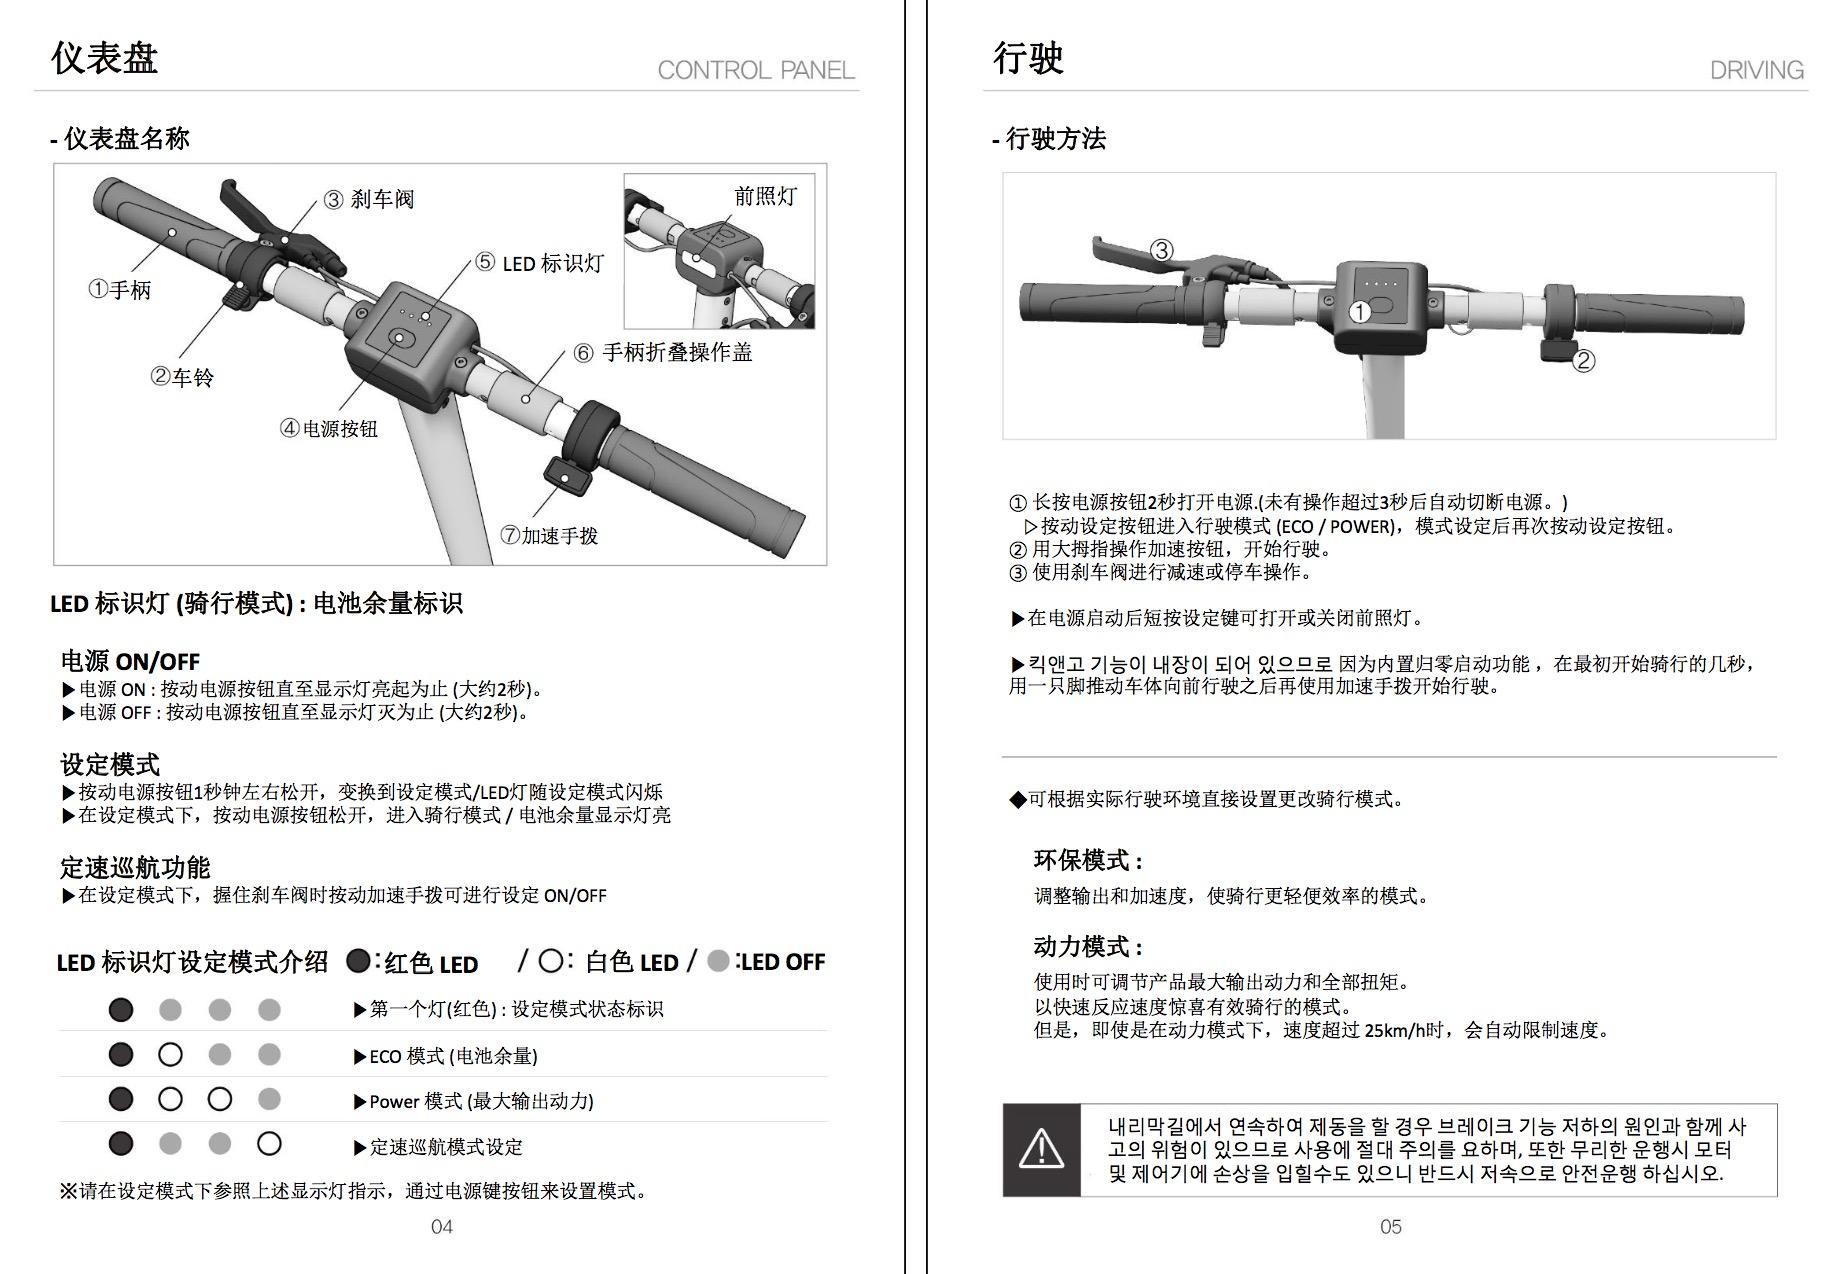 【唯轮测评】水星动力WideWheel,用户反应双电机版本有断头风险!-唯轮网